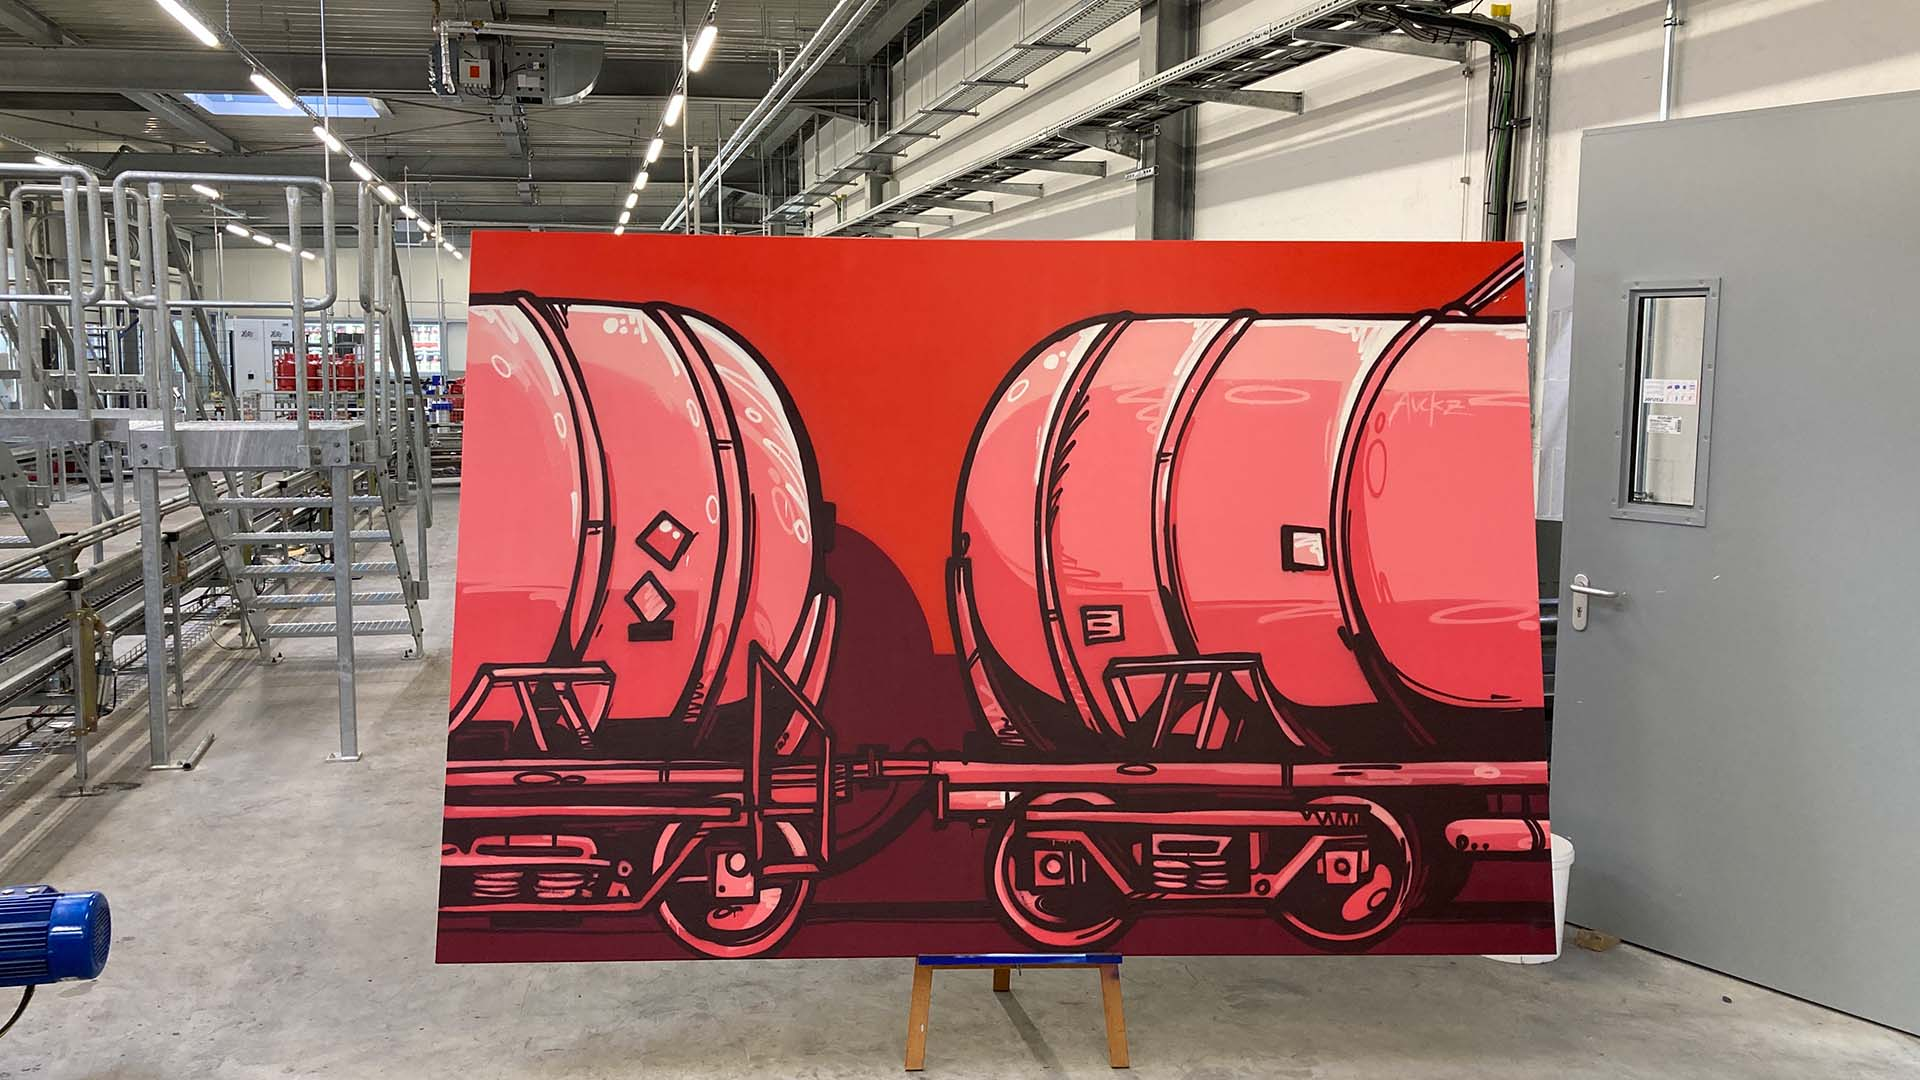 Leinwand, Graffiti, Caratgas, Unternehmen, Firma, Krefeld, Gaswerk